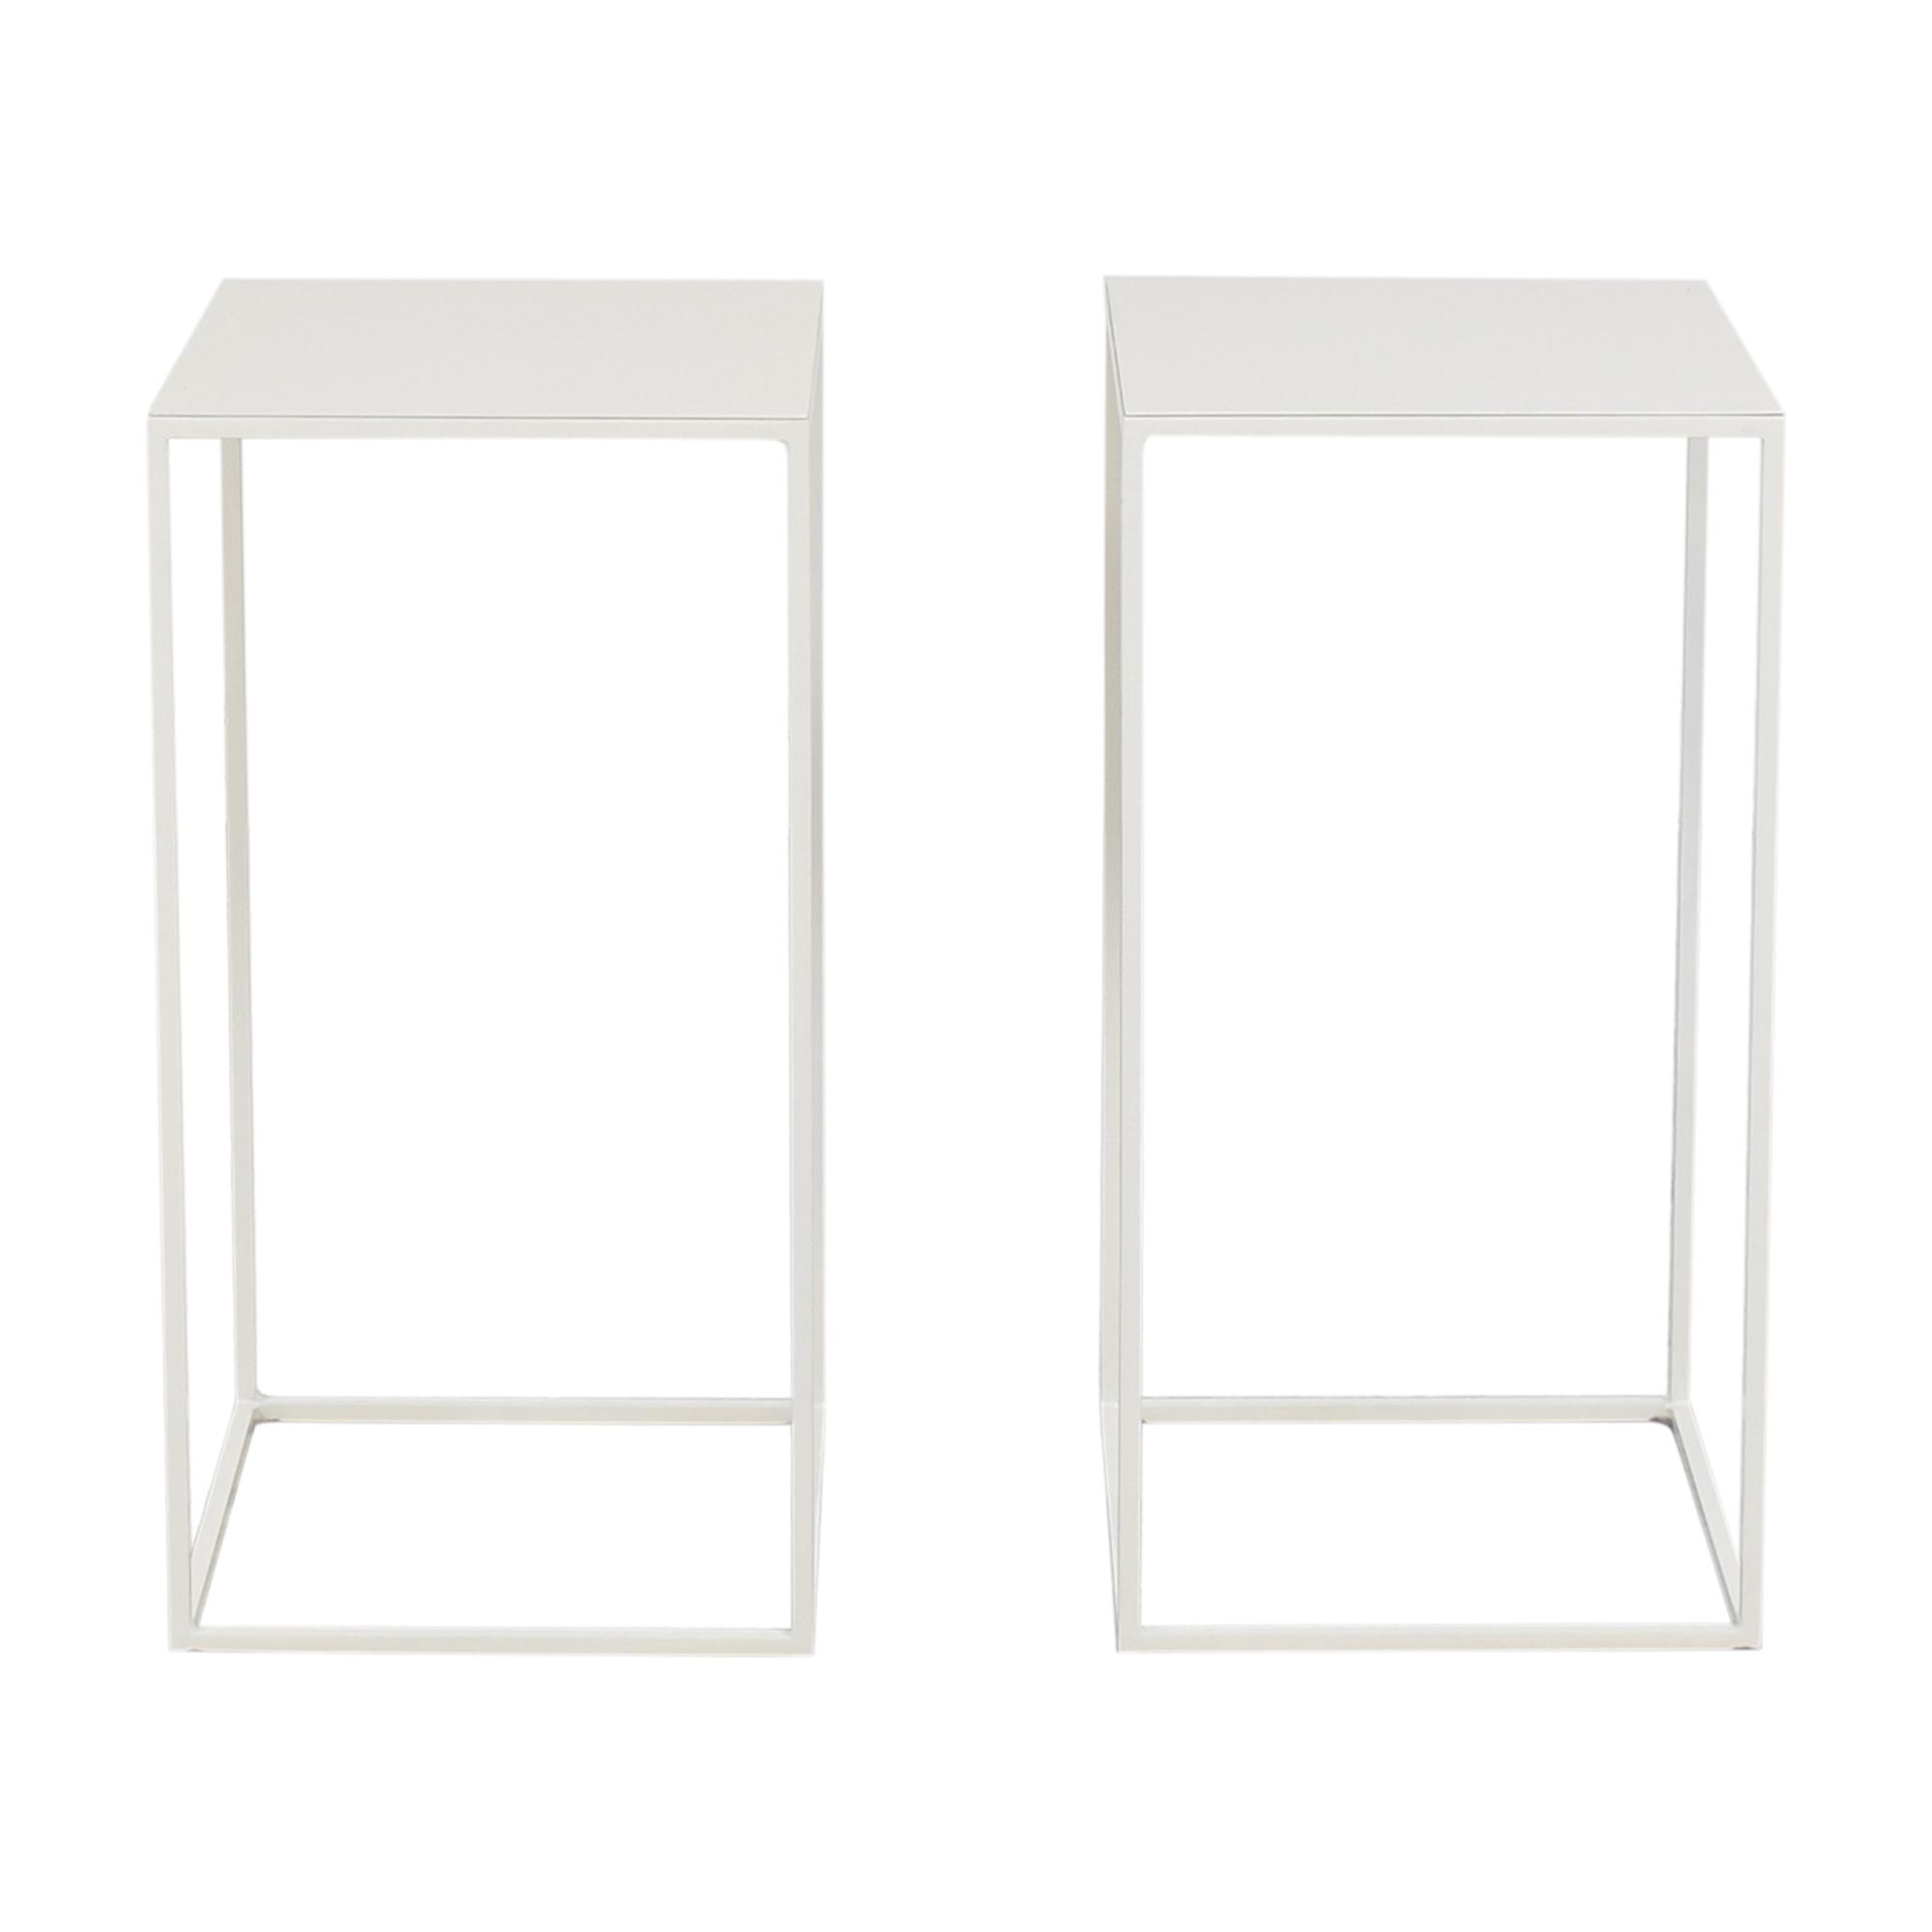 shop ABC Carpet & Home Box Frame Side Tables ABC Carpet & Home Accent Tables